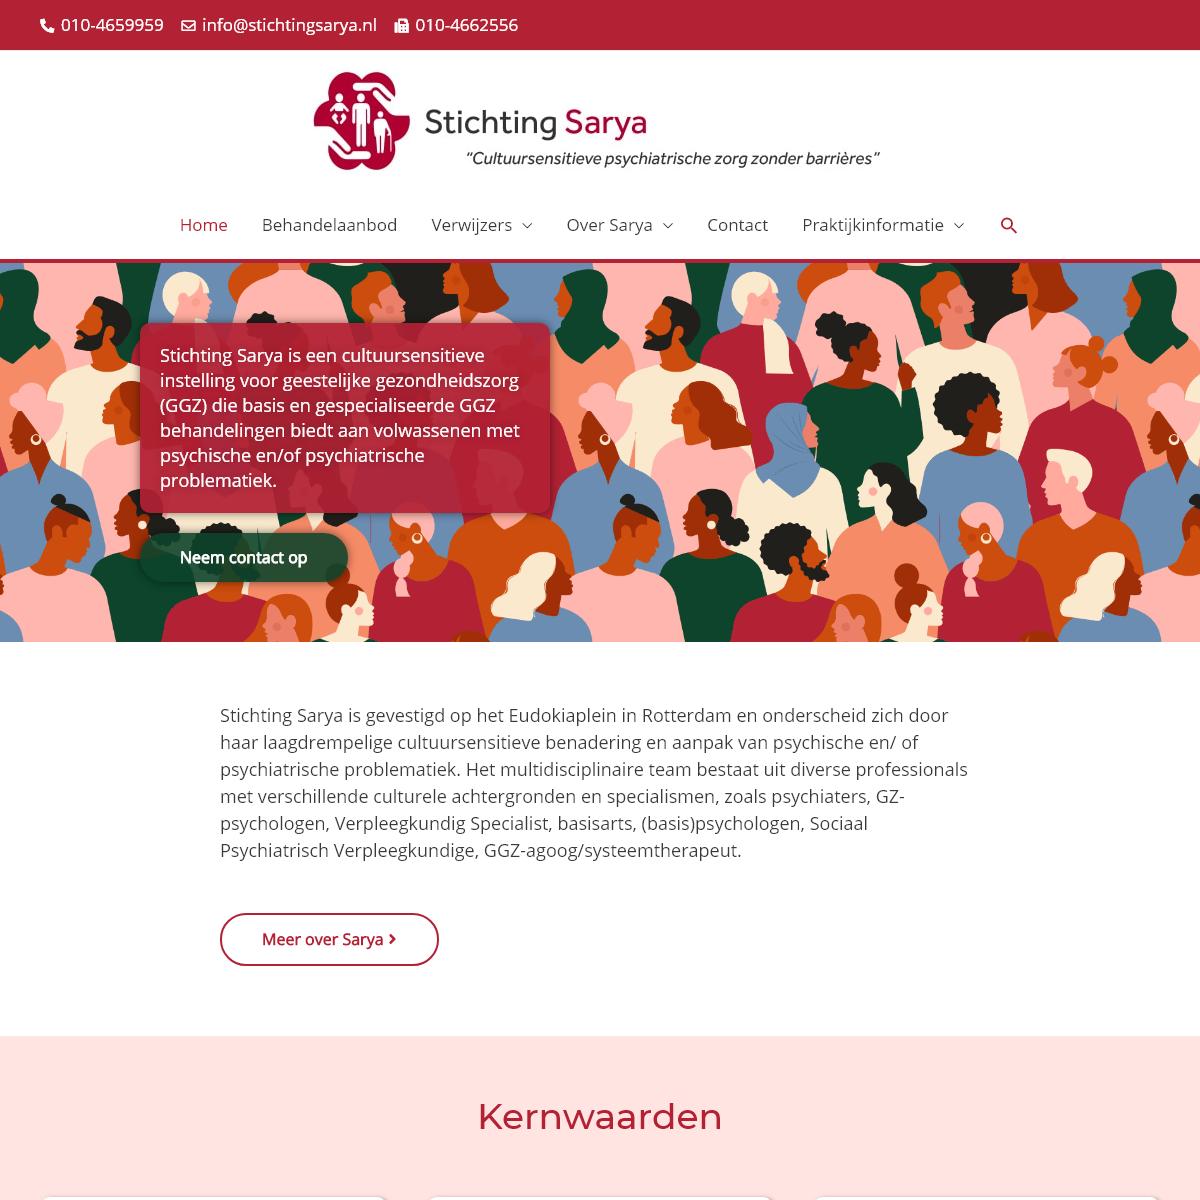 Sarya- Cultuursensitive psychiatrische zorg zonder barrières